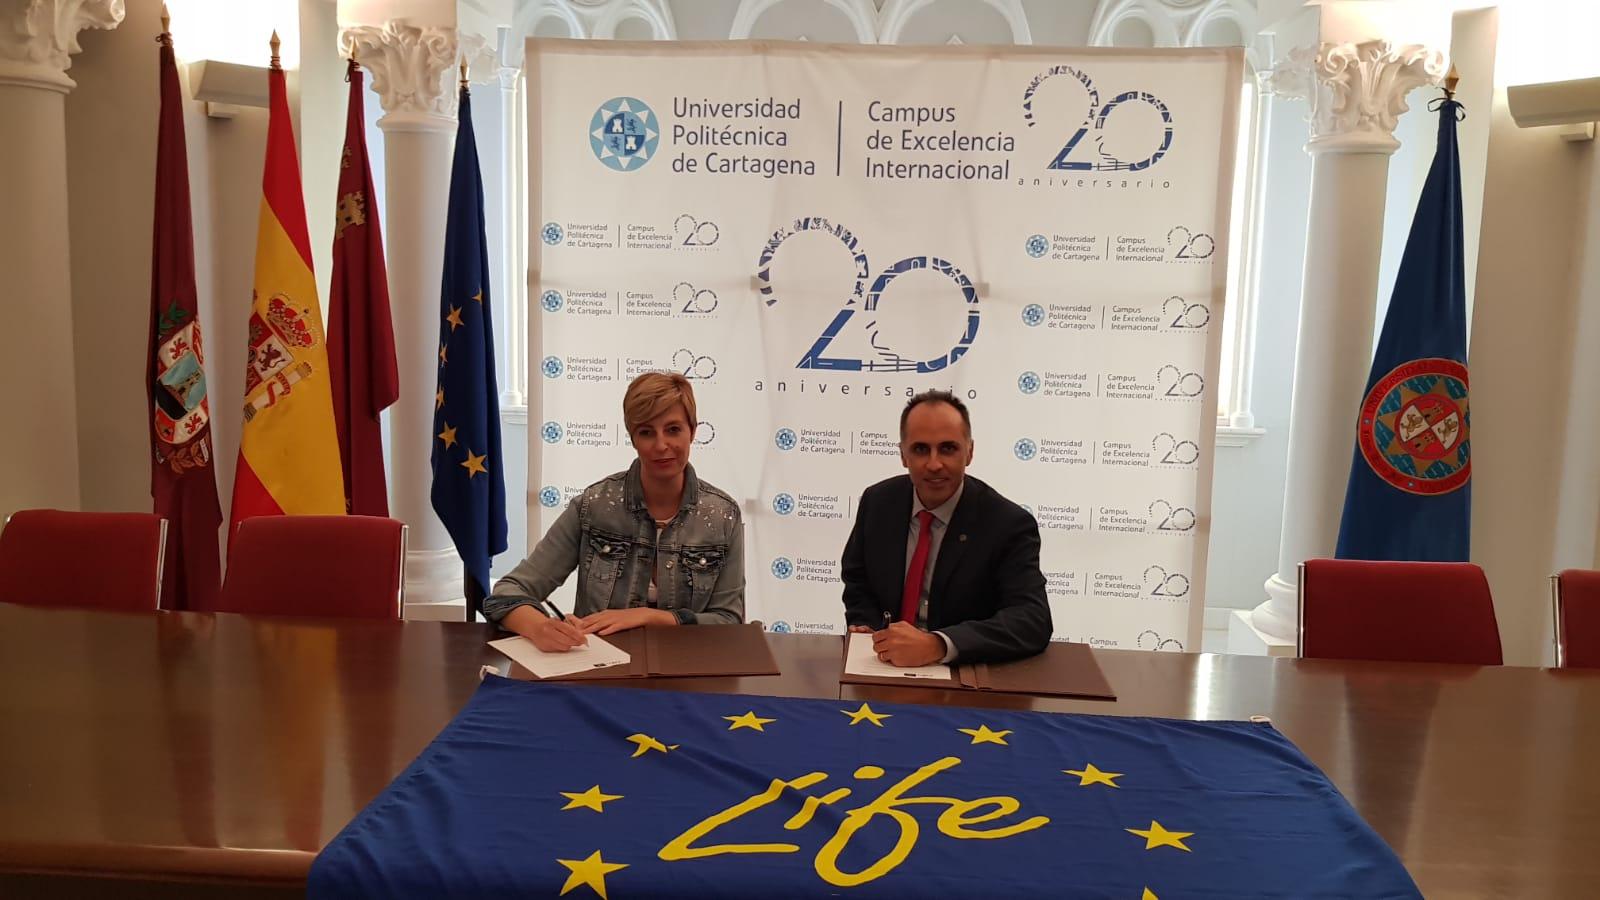 LA UNIVERSIDAD POLITÉCNICA DE CARTAGENA Y EL PROYECTO LIFE FOREST CO2 UNEN FUERZAS EN LA LUCHA FRENTE AL CAMBIO CLIMÁTICO